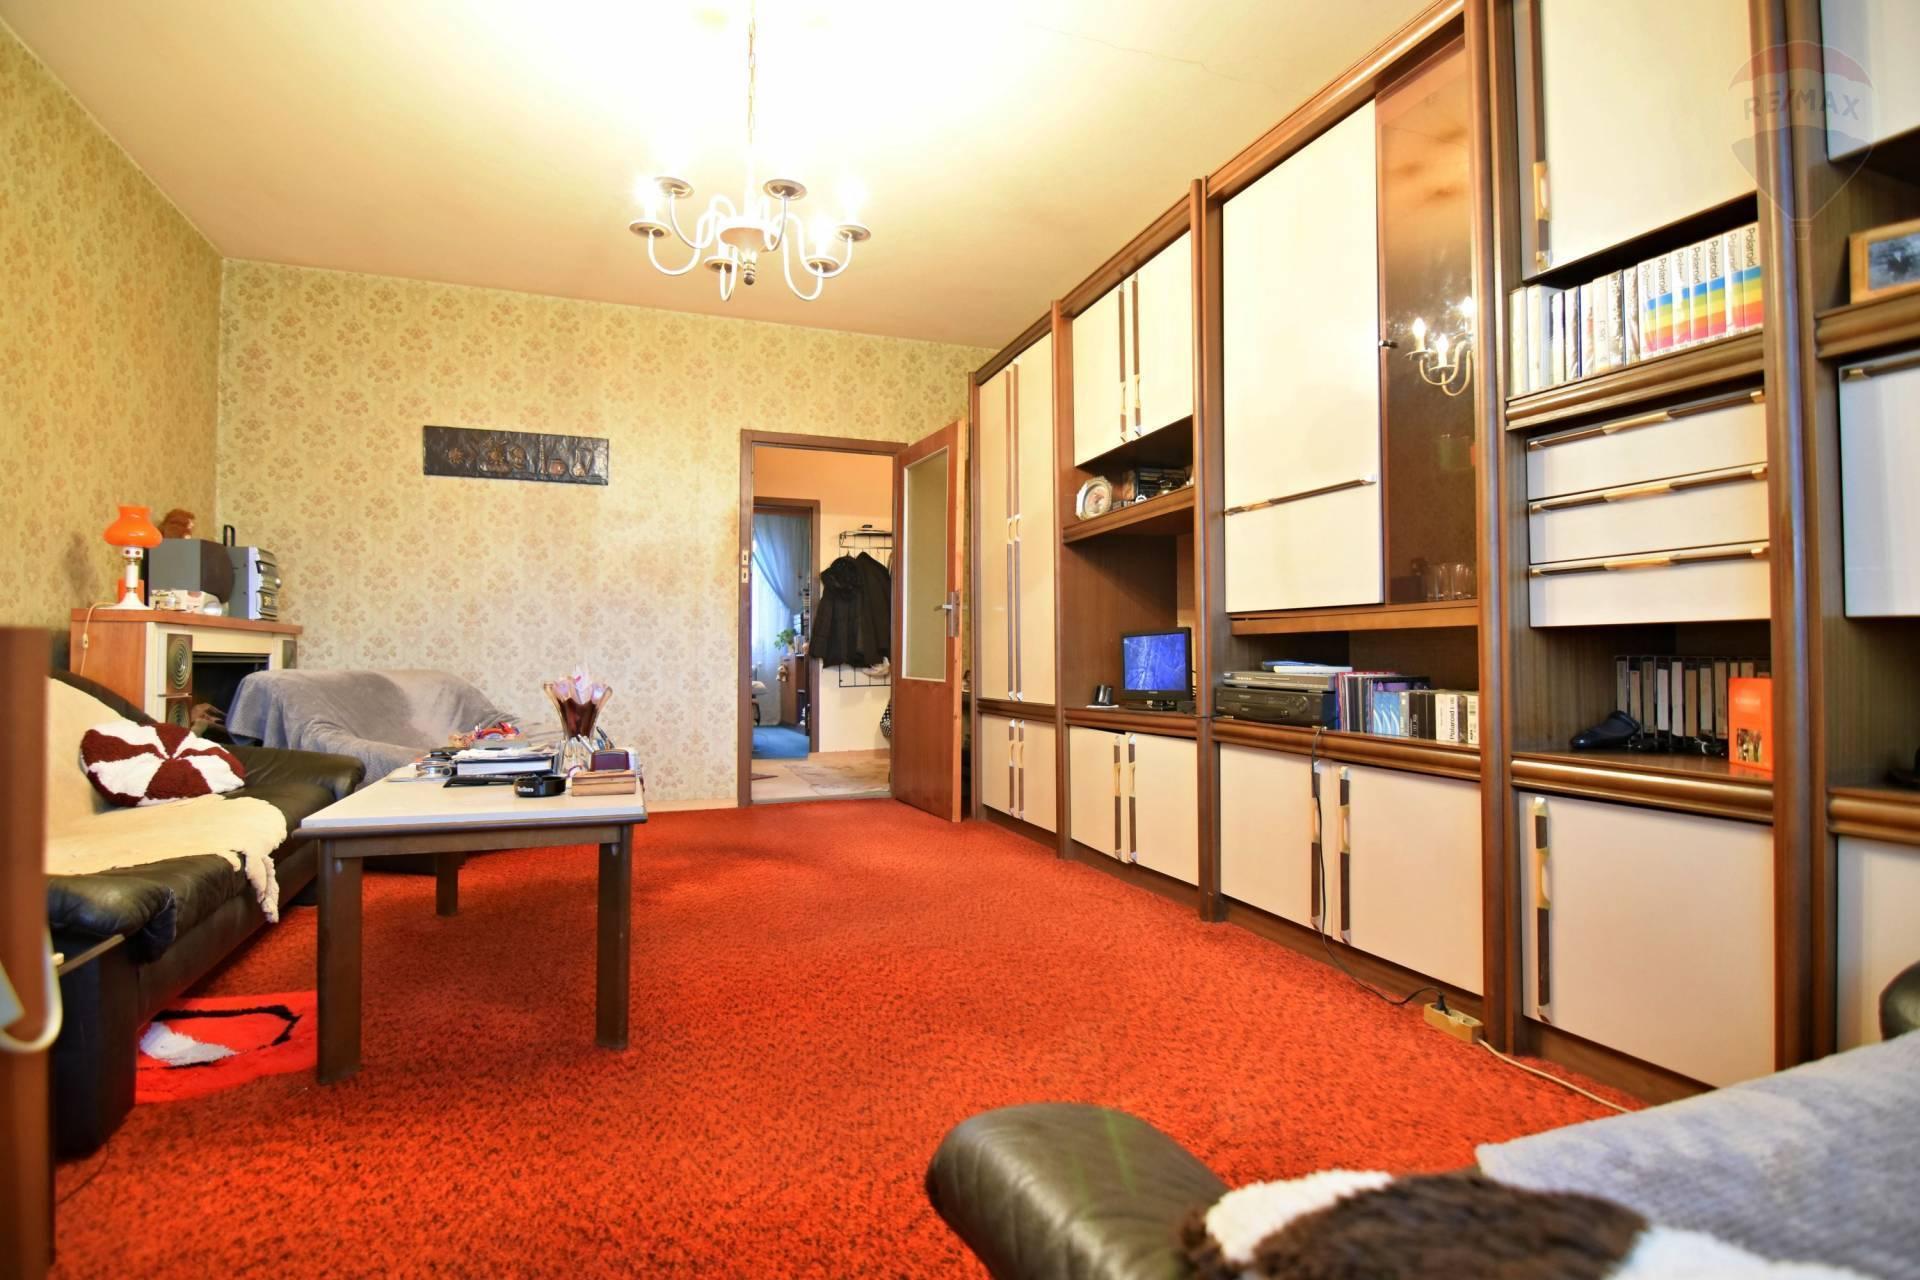 ***REZERVOVANE*** 4 izb. byt 82 m2 na Terase, Pôvodný stav, 5/8 p., ul. Bernolákova